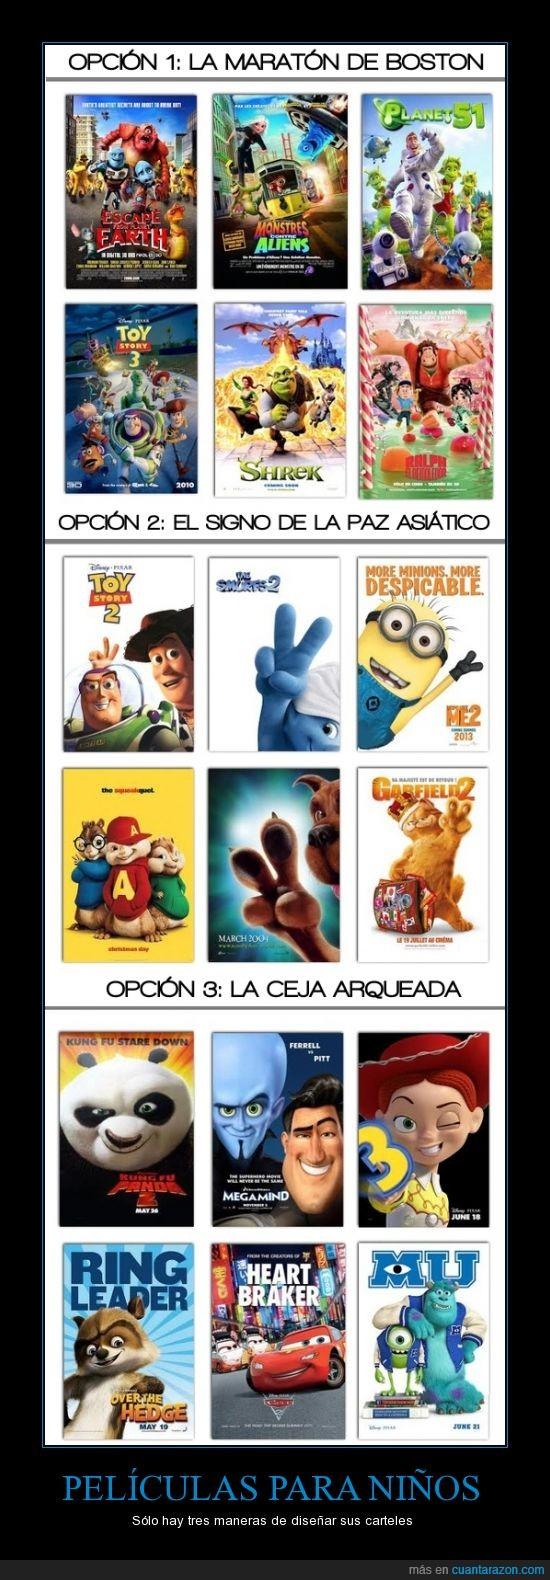 disney,películas para niños,pixar